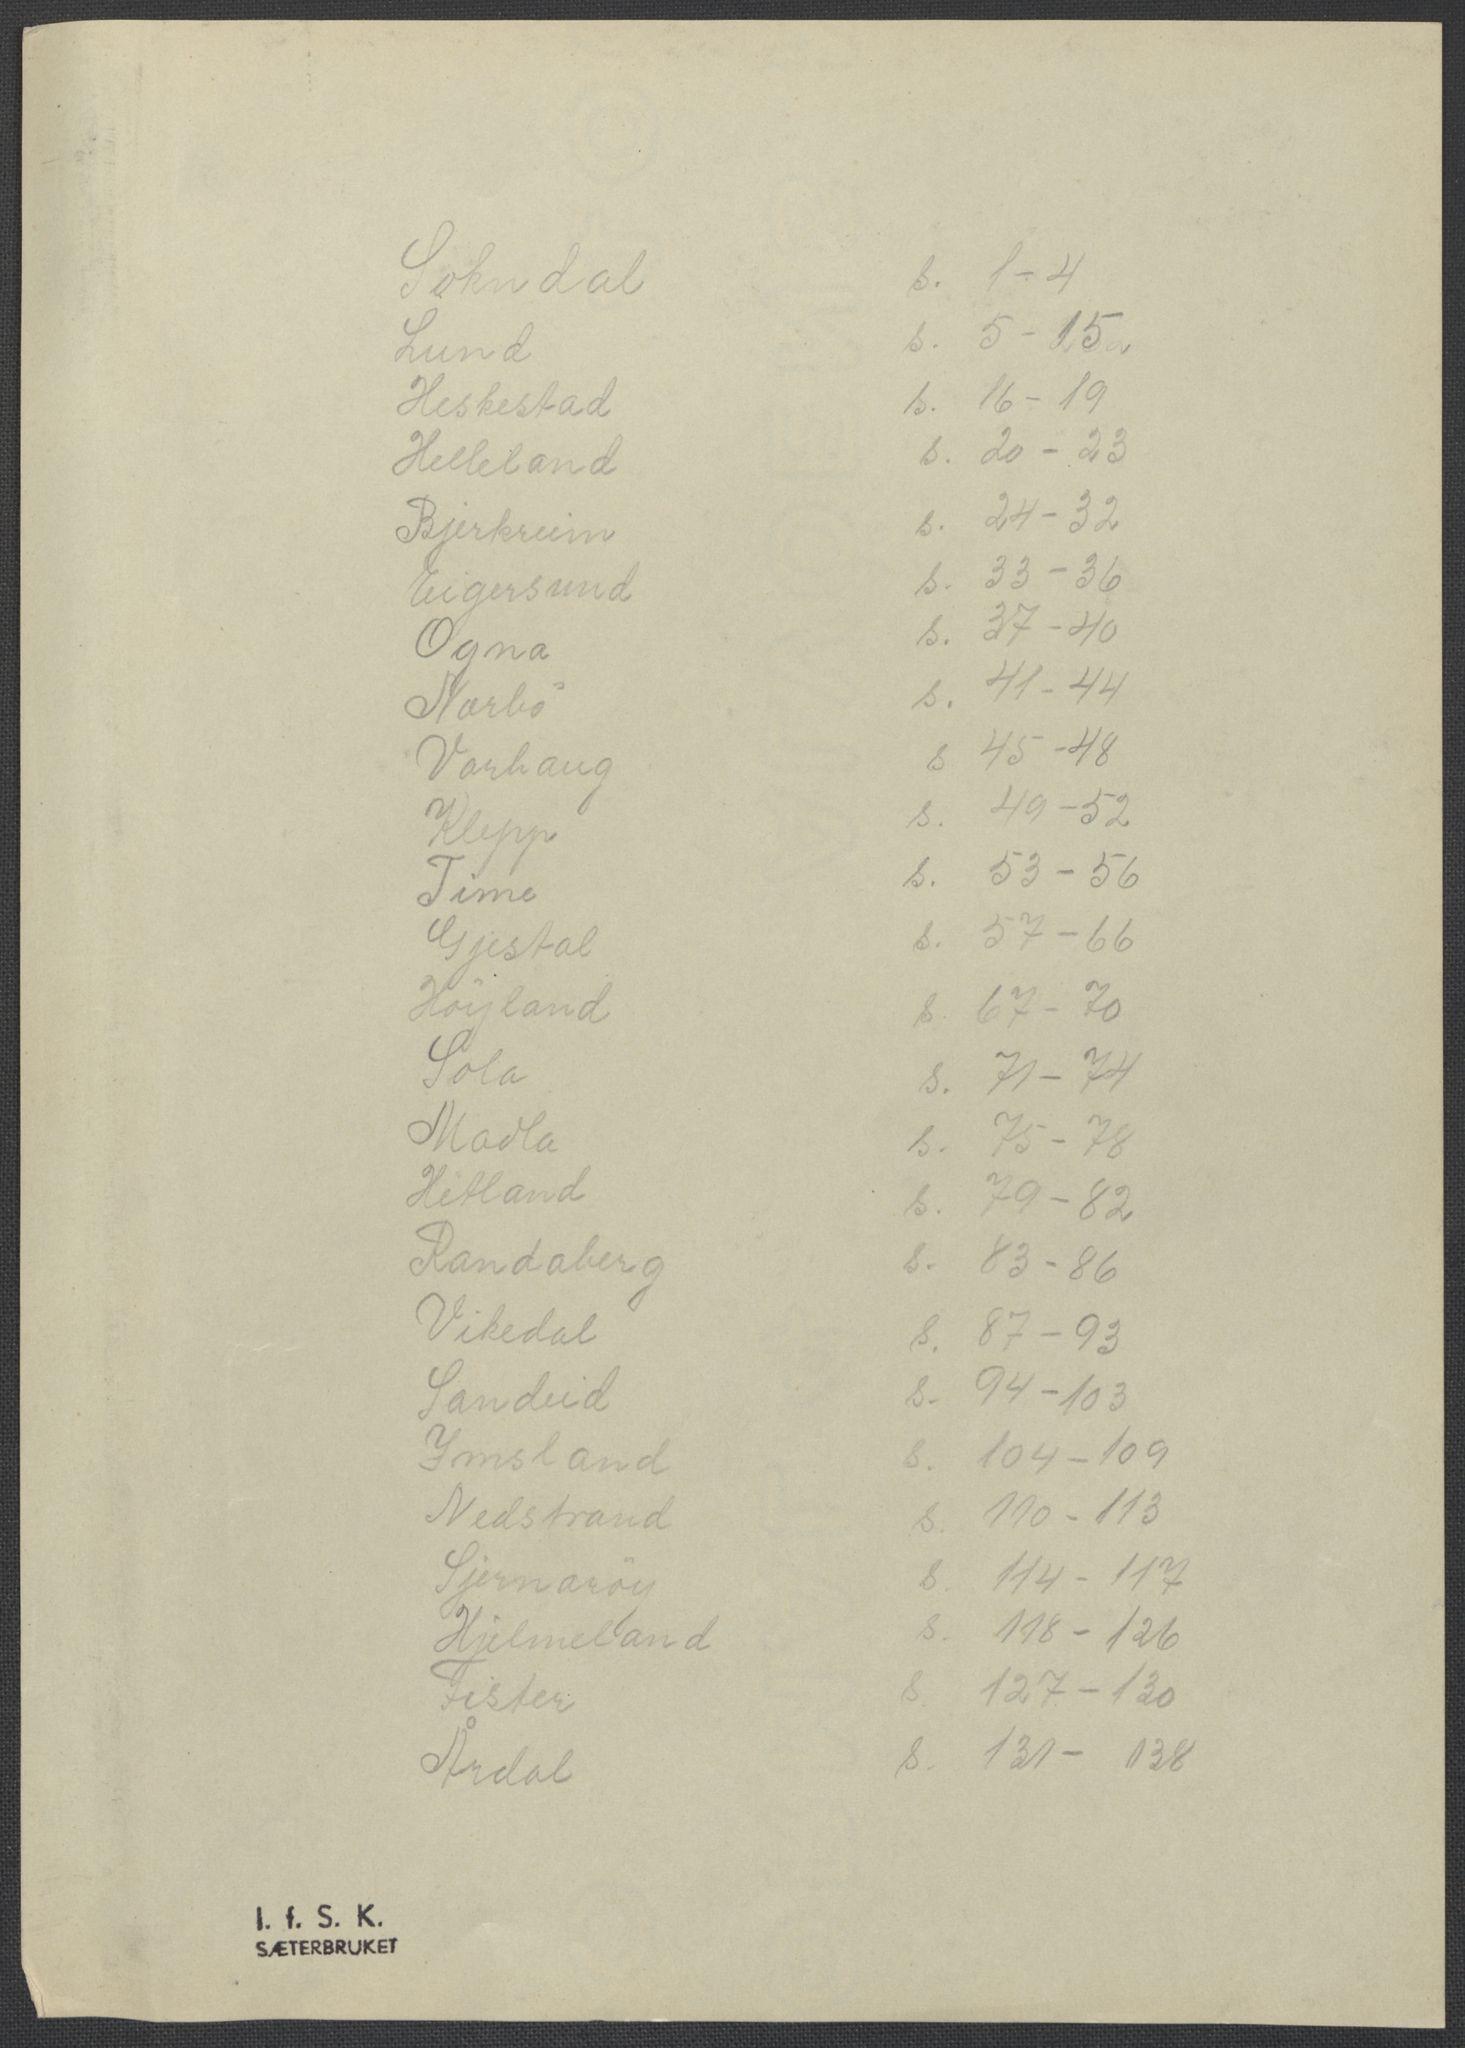 RA, Instituttet for sammenlignende kulturforskning, F/Fc/L0009: Eske B9:, 1932-1935, s. upaginert